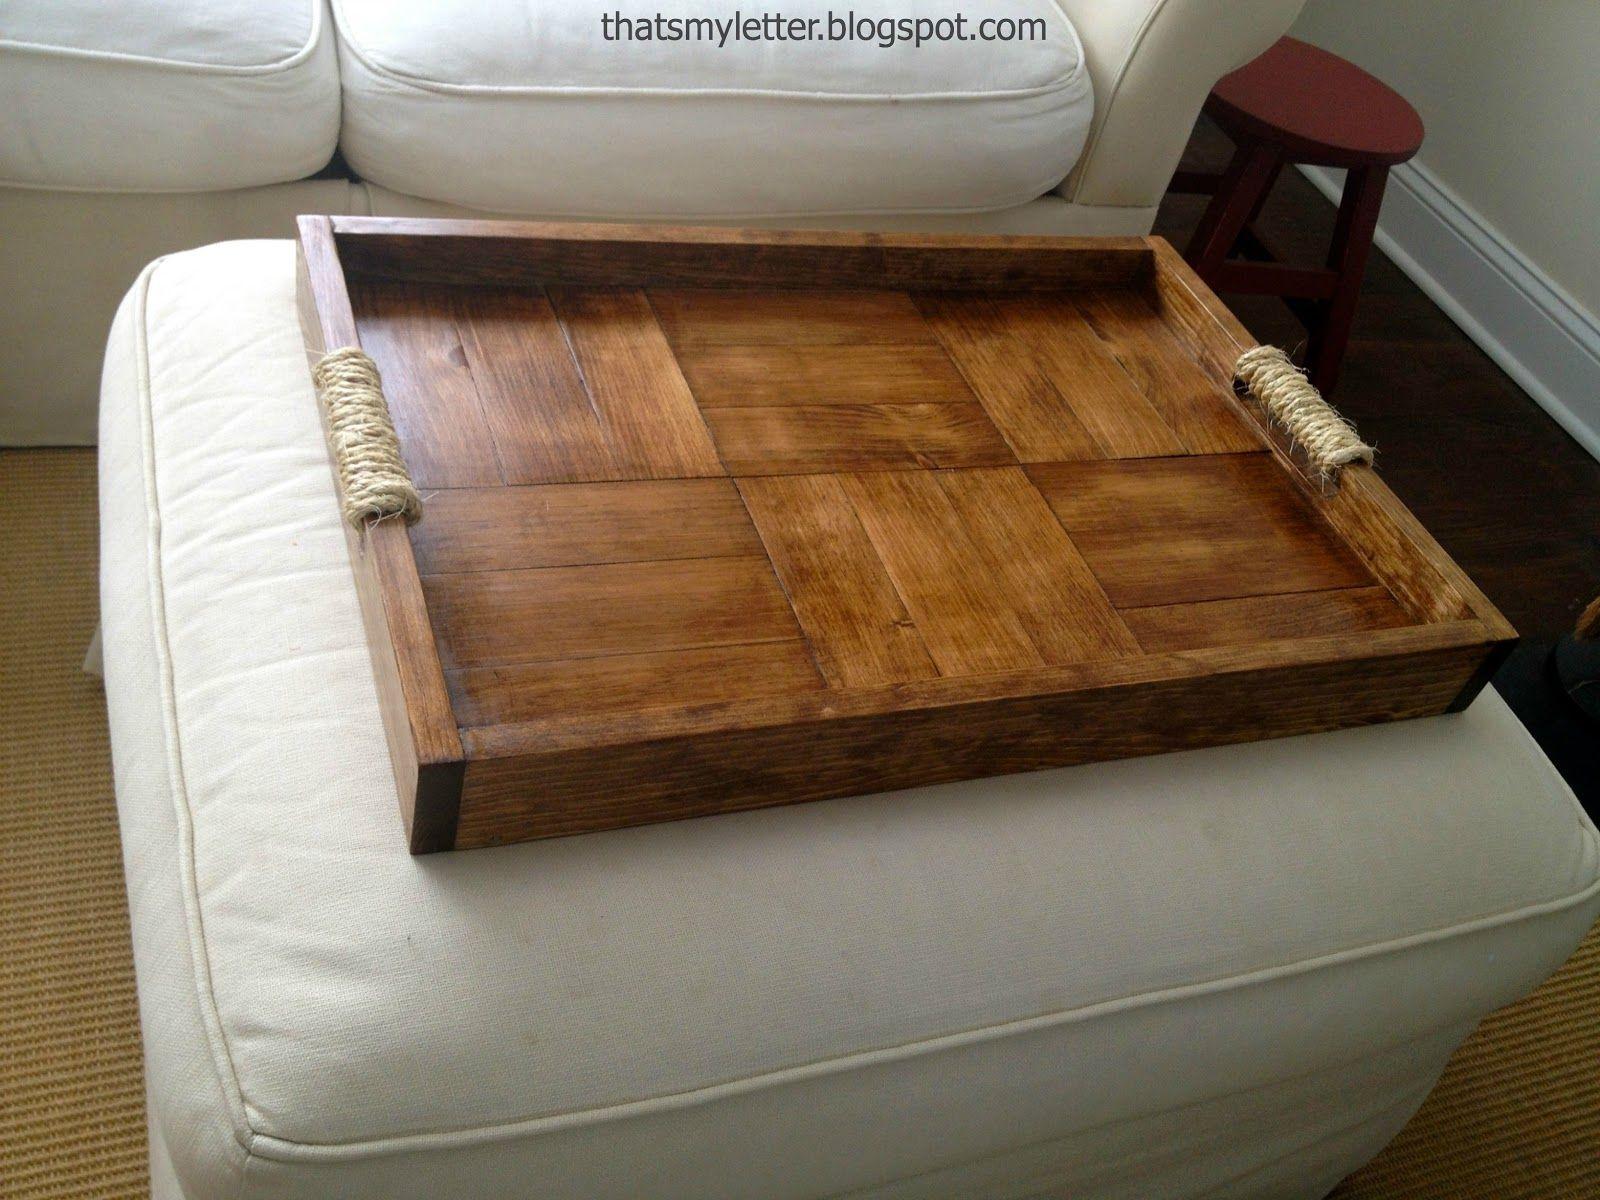 Pleasing Diy Ottoman Tray Ottoman Tray Diy Ottoman Coffee Table Ibusinesslaw Wood Chair Design Ideas Ibusinesslaworg